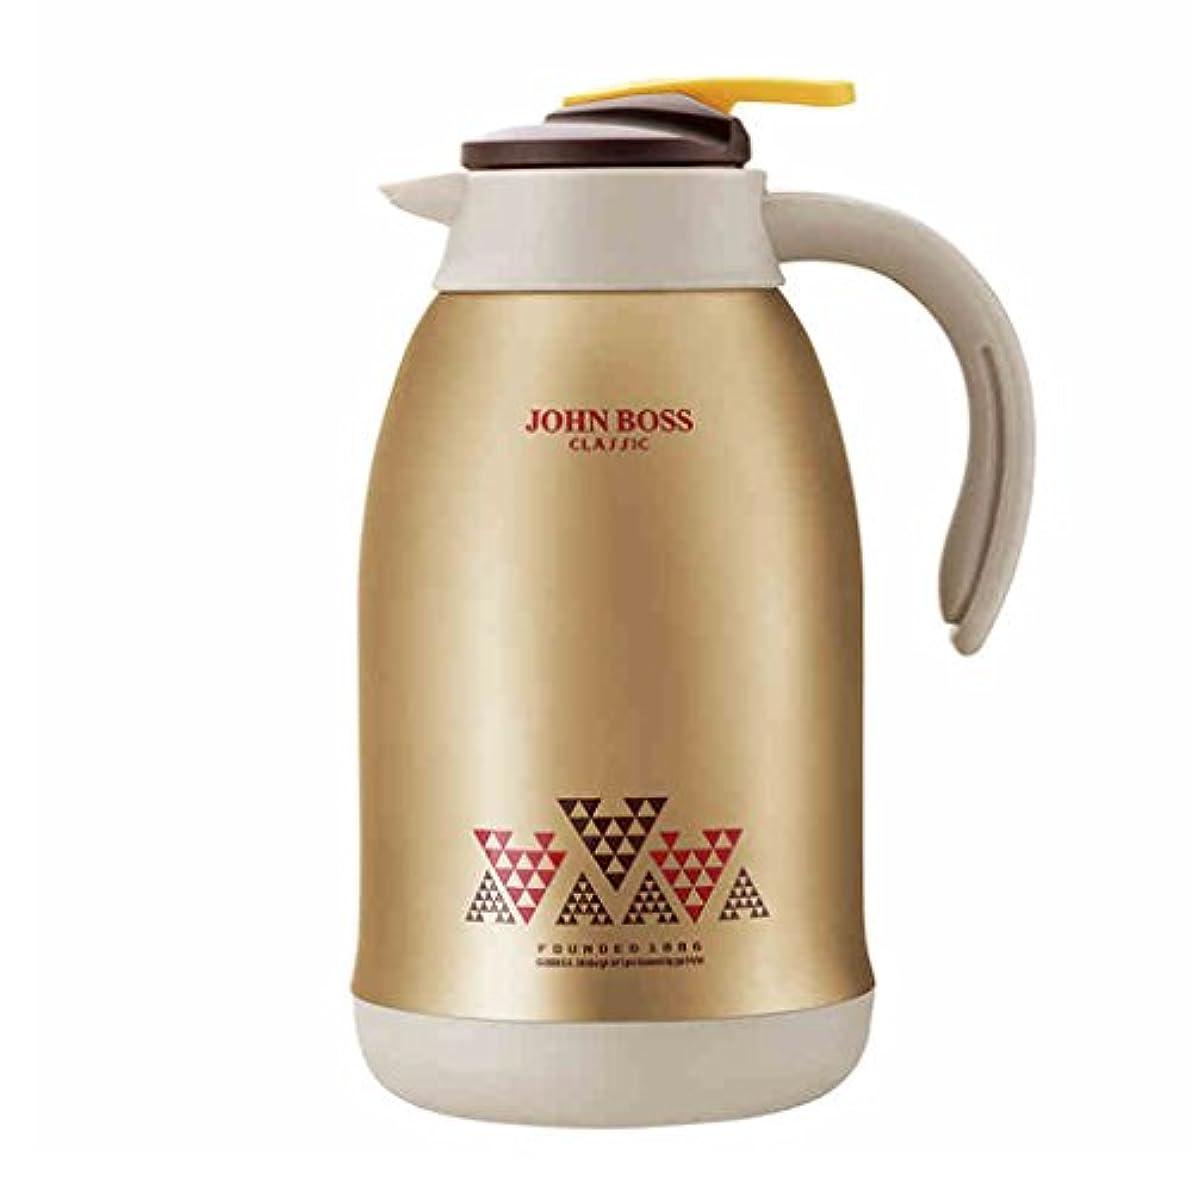 打ち上げるベーシック連結するSuper Kh® 断熱ケトル304ステンレススチール1800mlゴールデンイエローホームオフィス醸造コーヒーポータブル金庫(13.5 * 27cm)